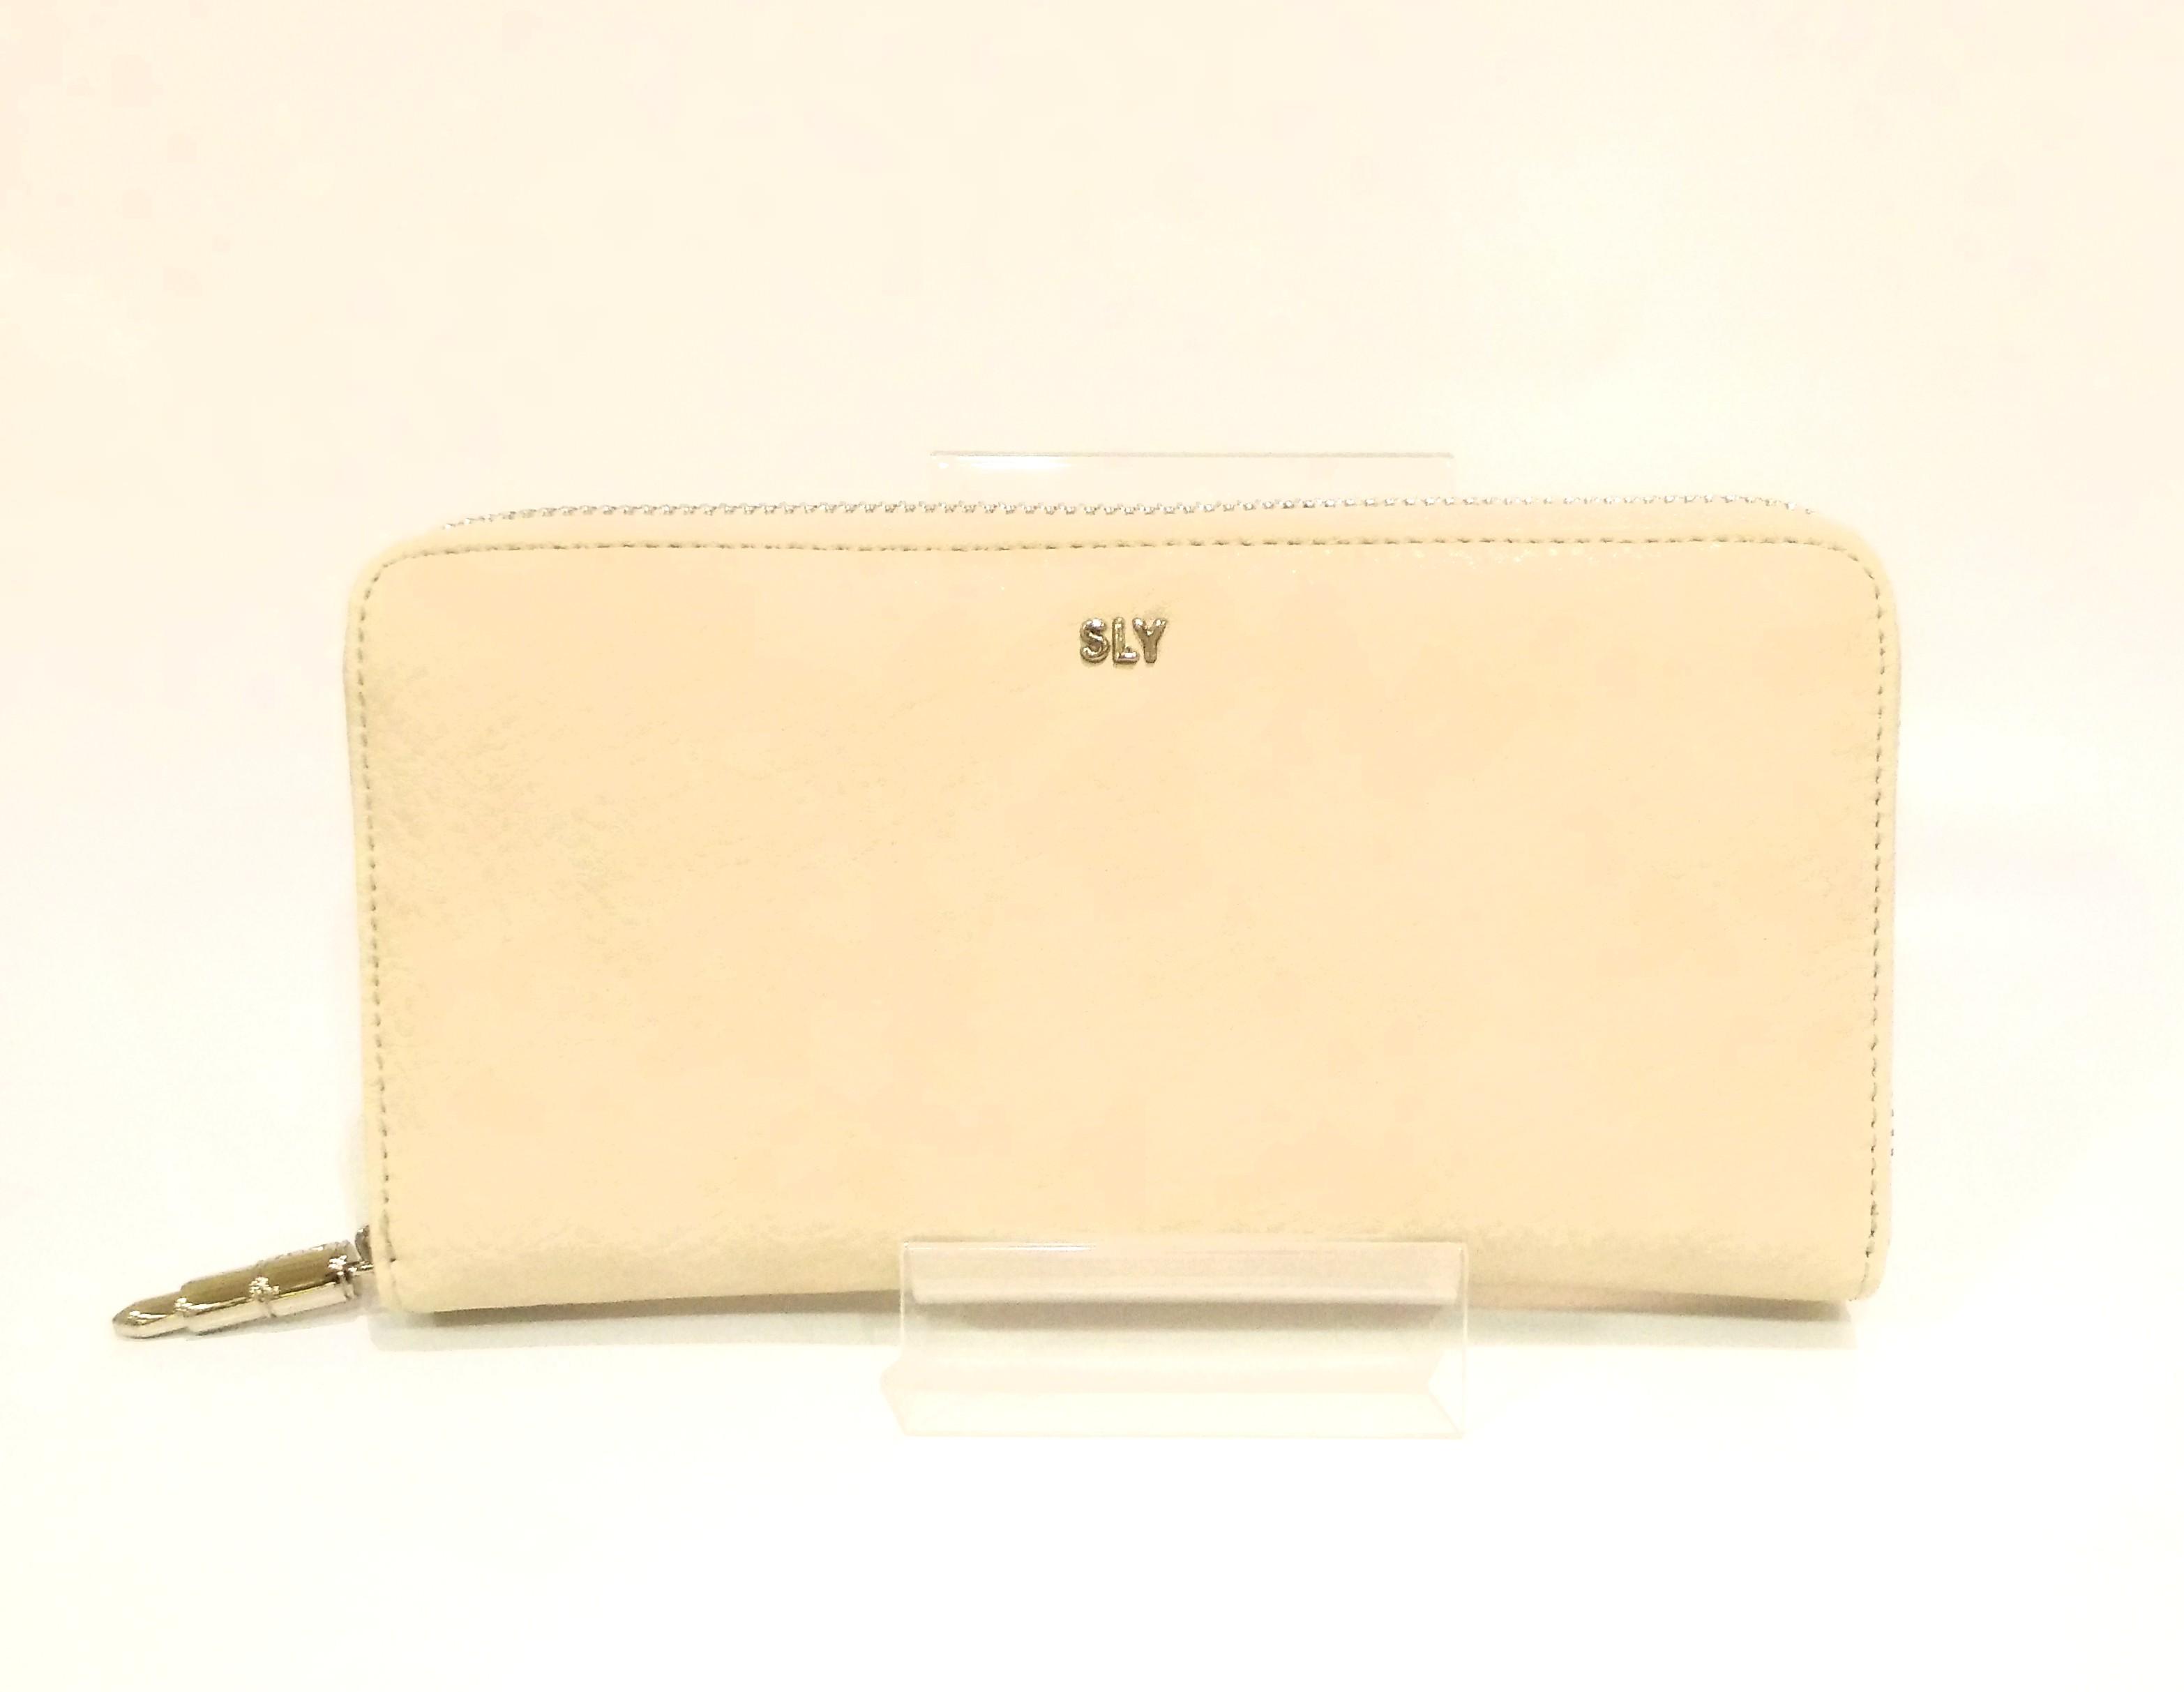 「SLY(スライ)」 ラウンド型長財布